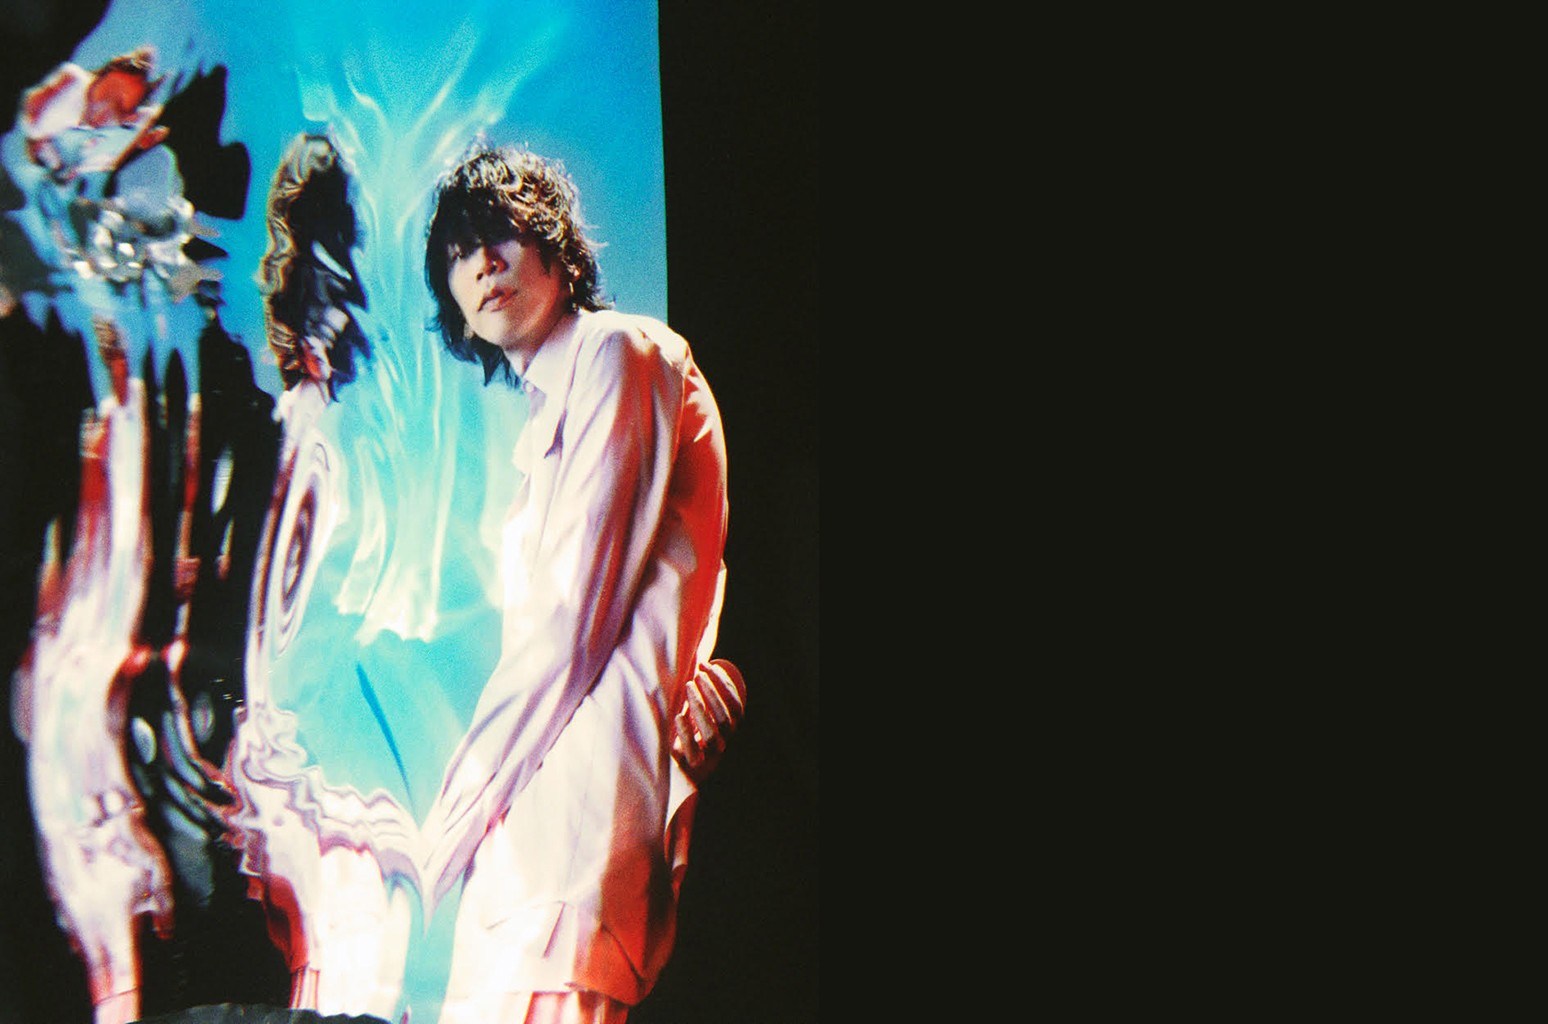 Japan's Kenshi Yonezu Talks New Single 'Pale Blue,' Looks Back on 'Fortnite' Virtual Concert & More